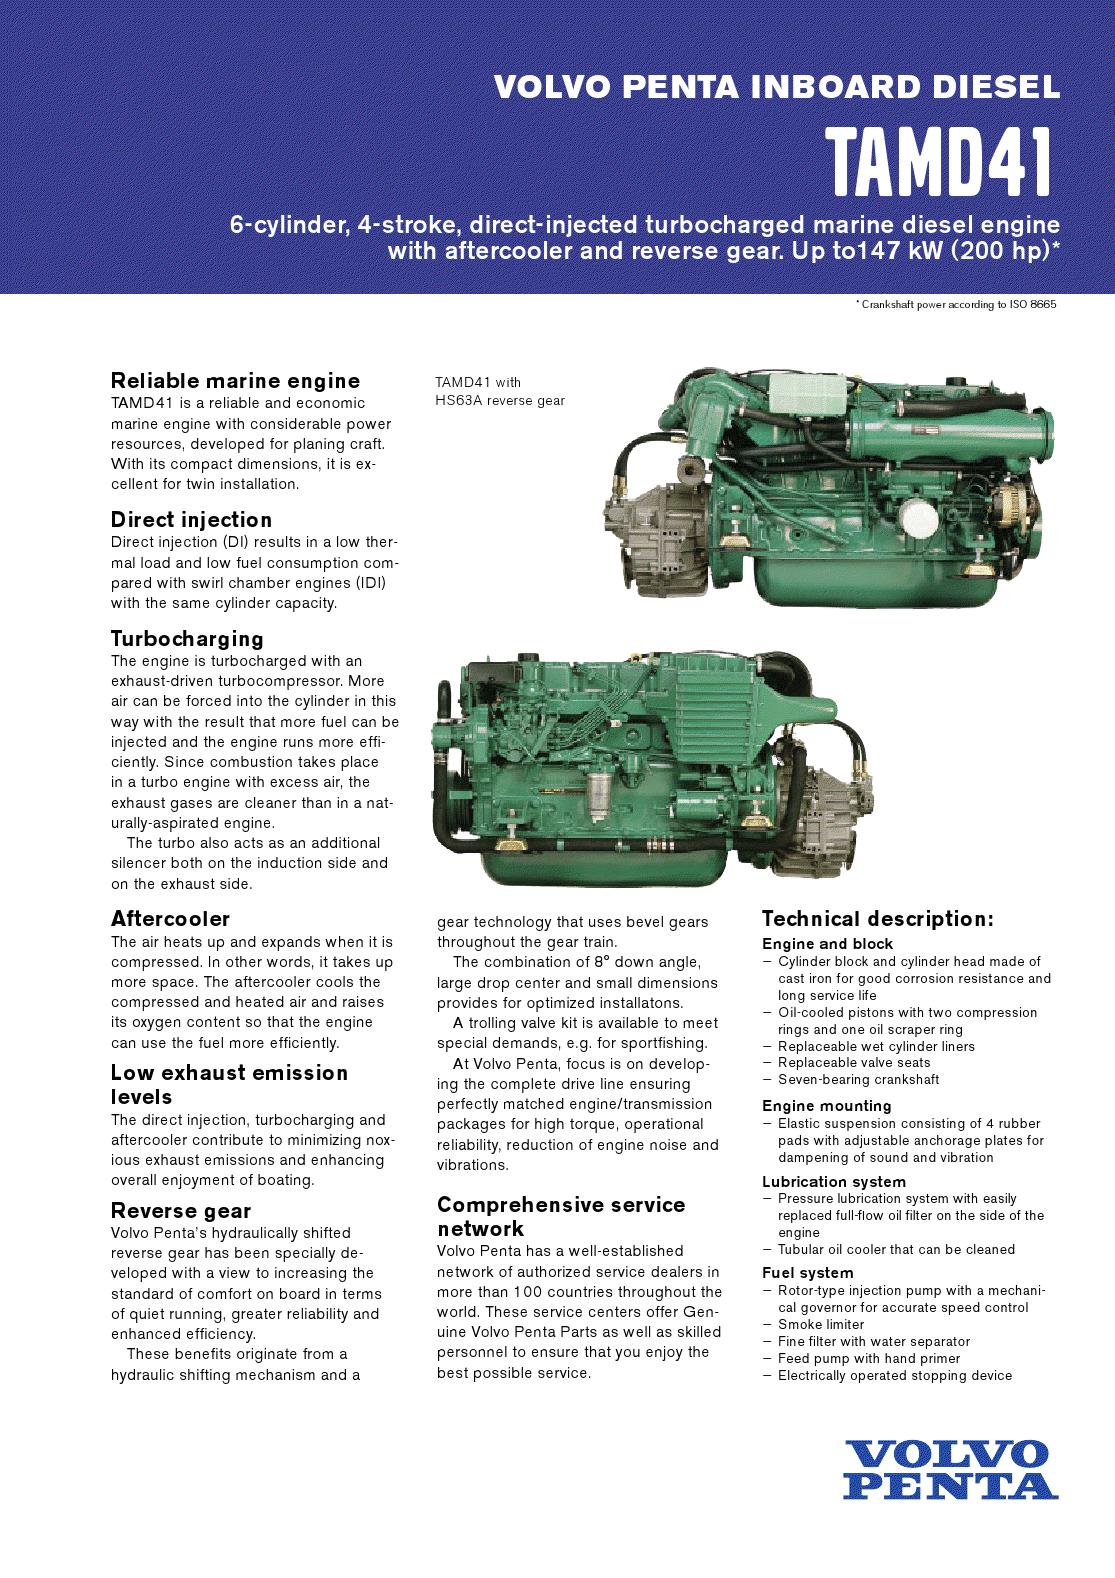 volvomanuals free volvo penta inboard diesel manual pdf rh volvomanuals  blogspot com Volvo Penta Control Box Volvo Penta Engine Diagram